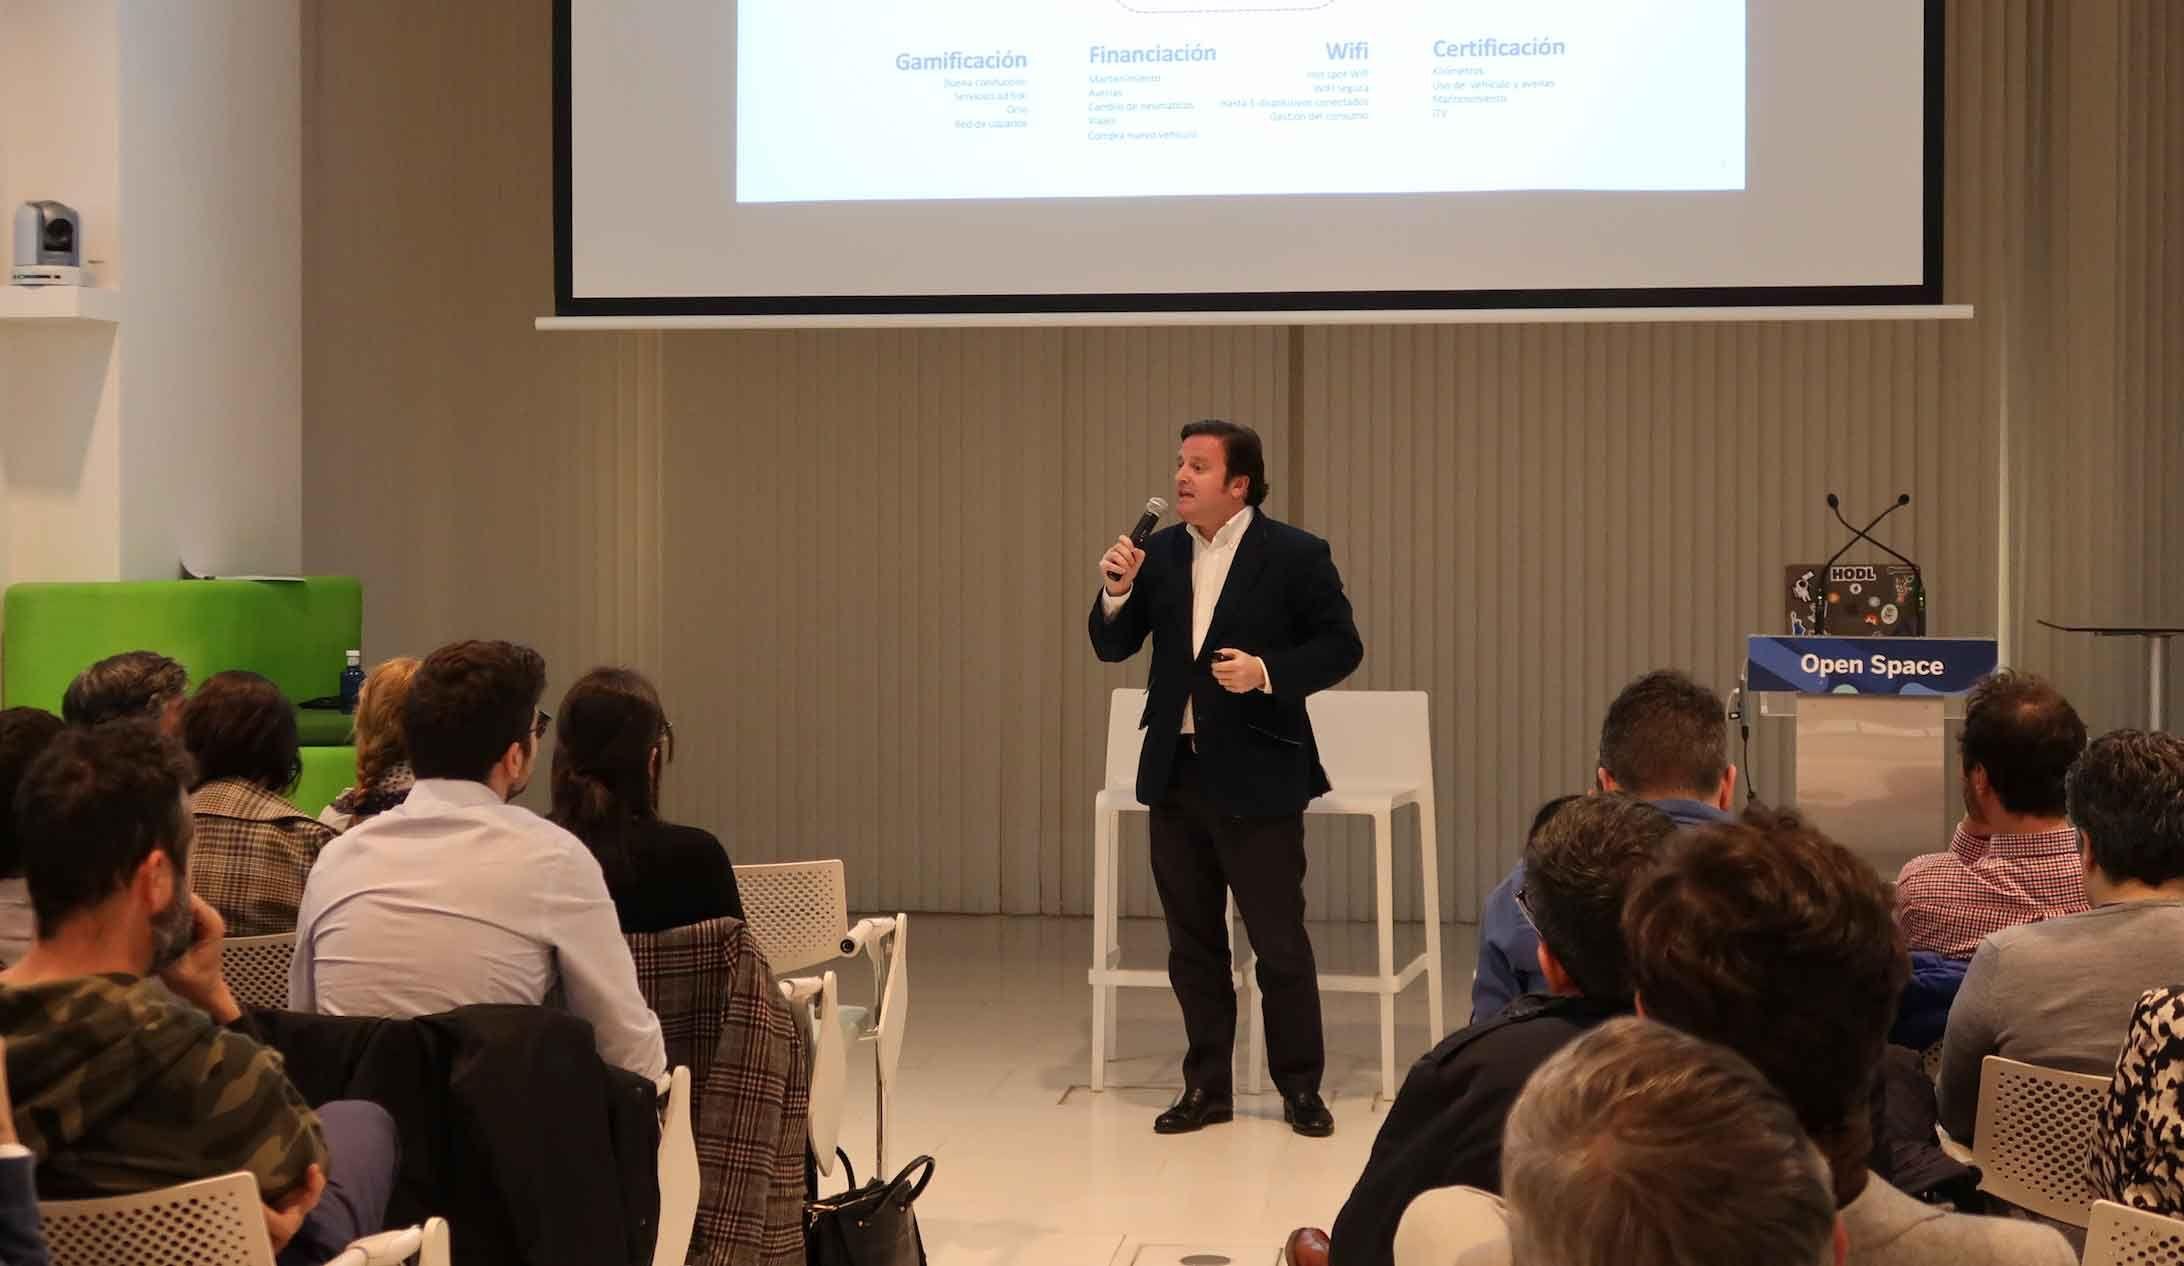 Foto de Javier Goikoetxea Presenta el Primer STO Español: Grupo NEXT